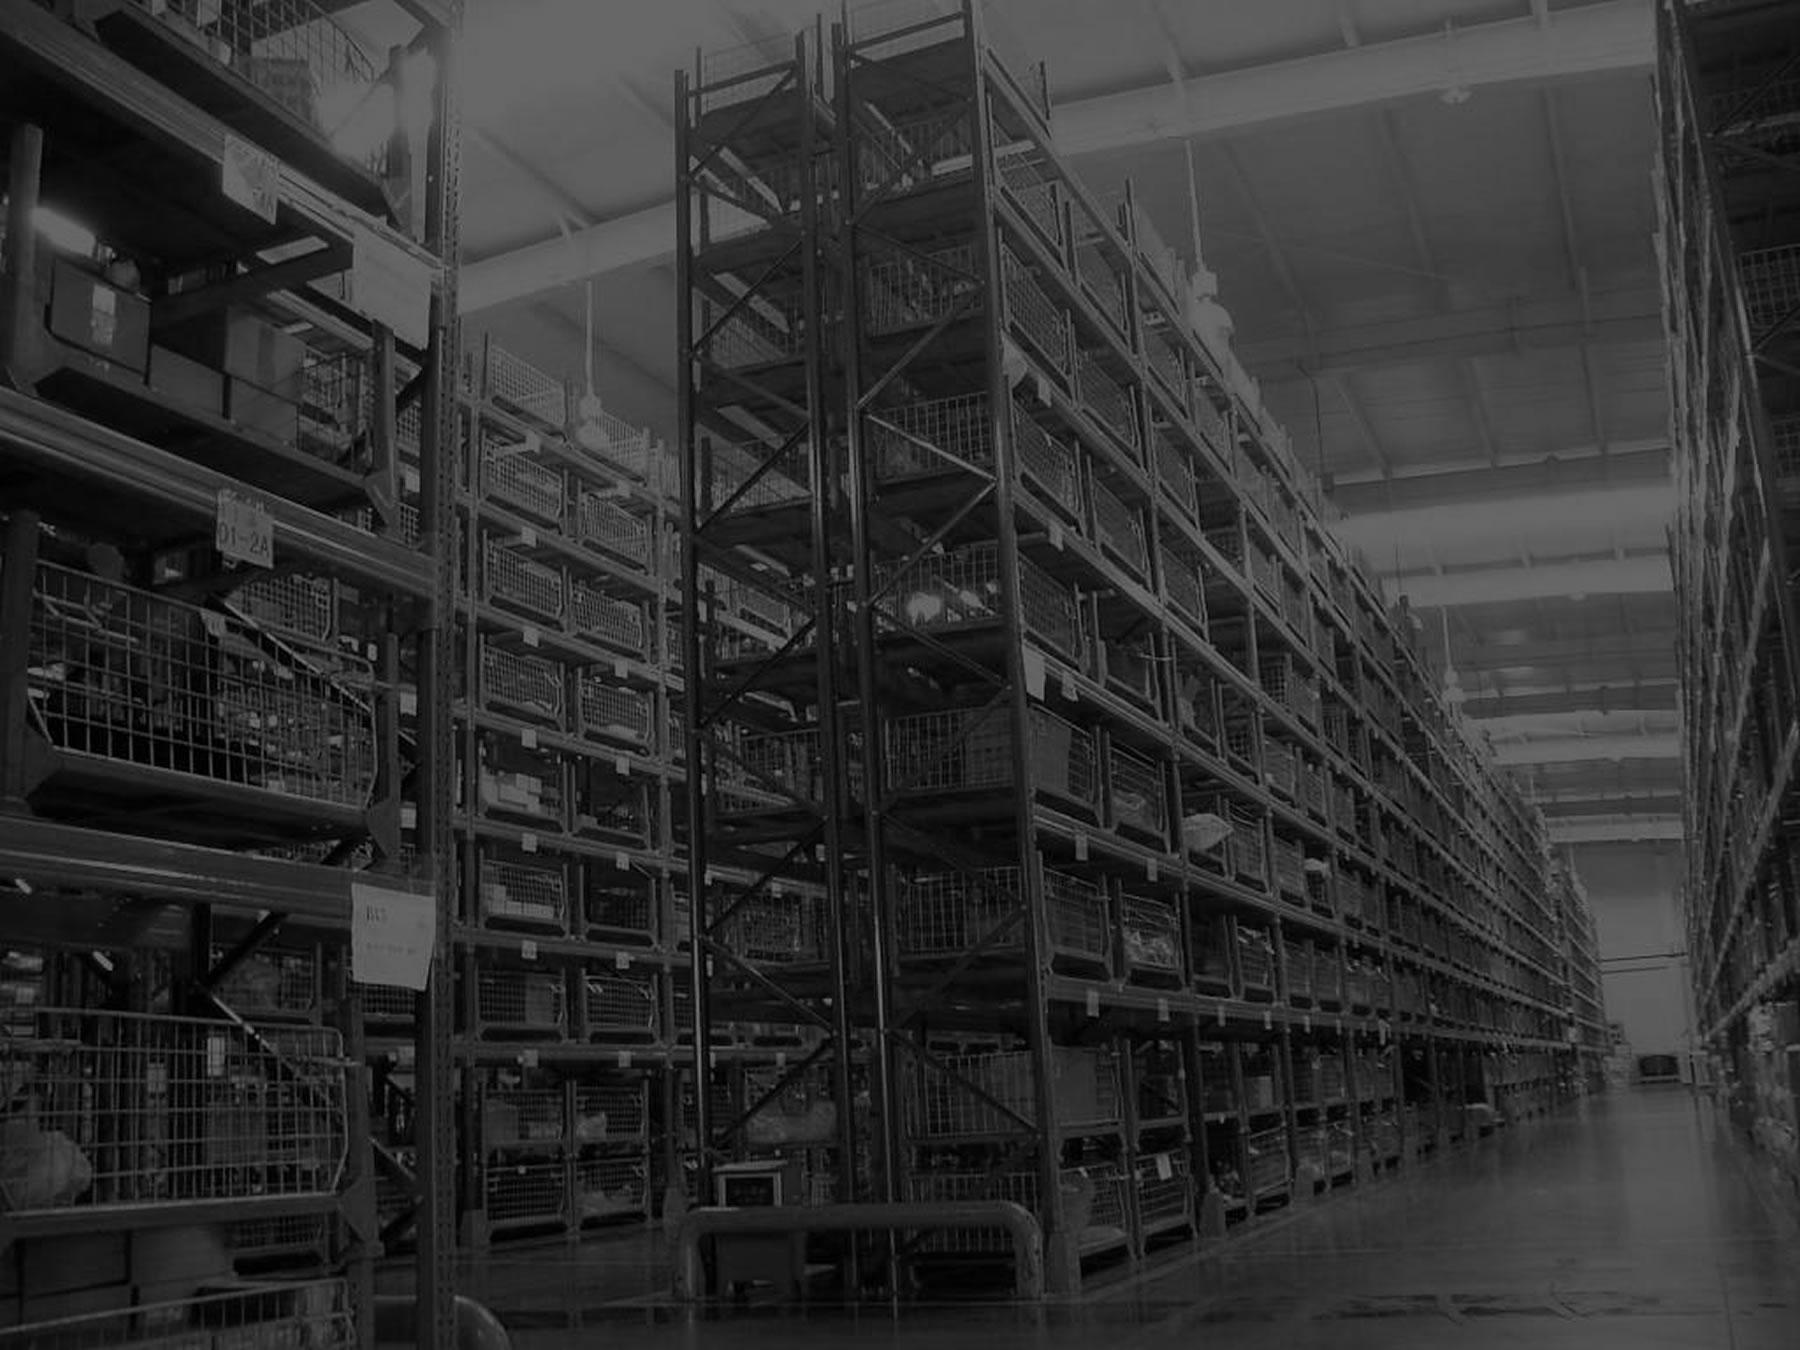 background-warehouse